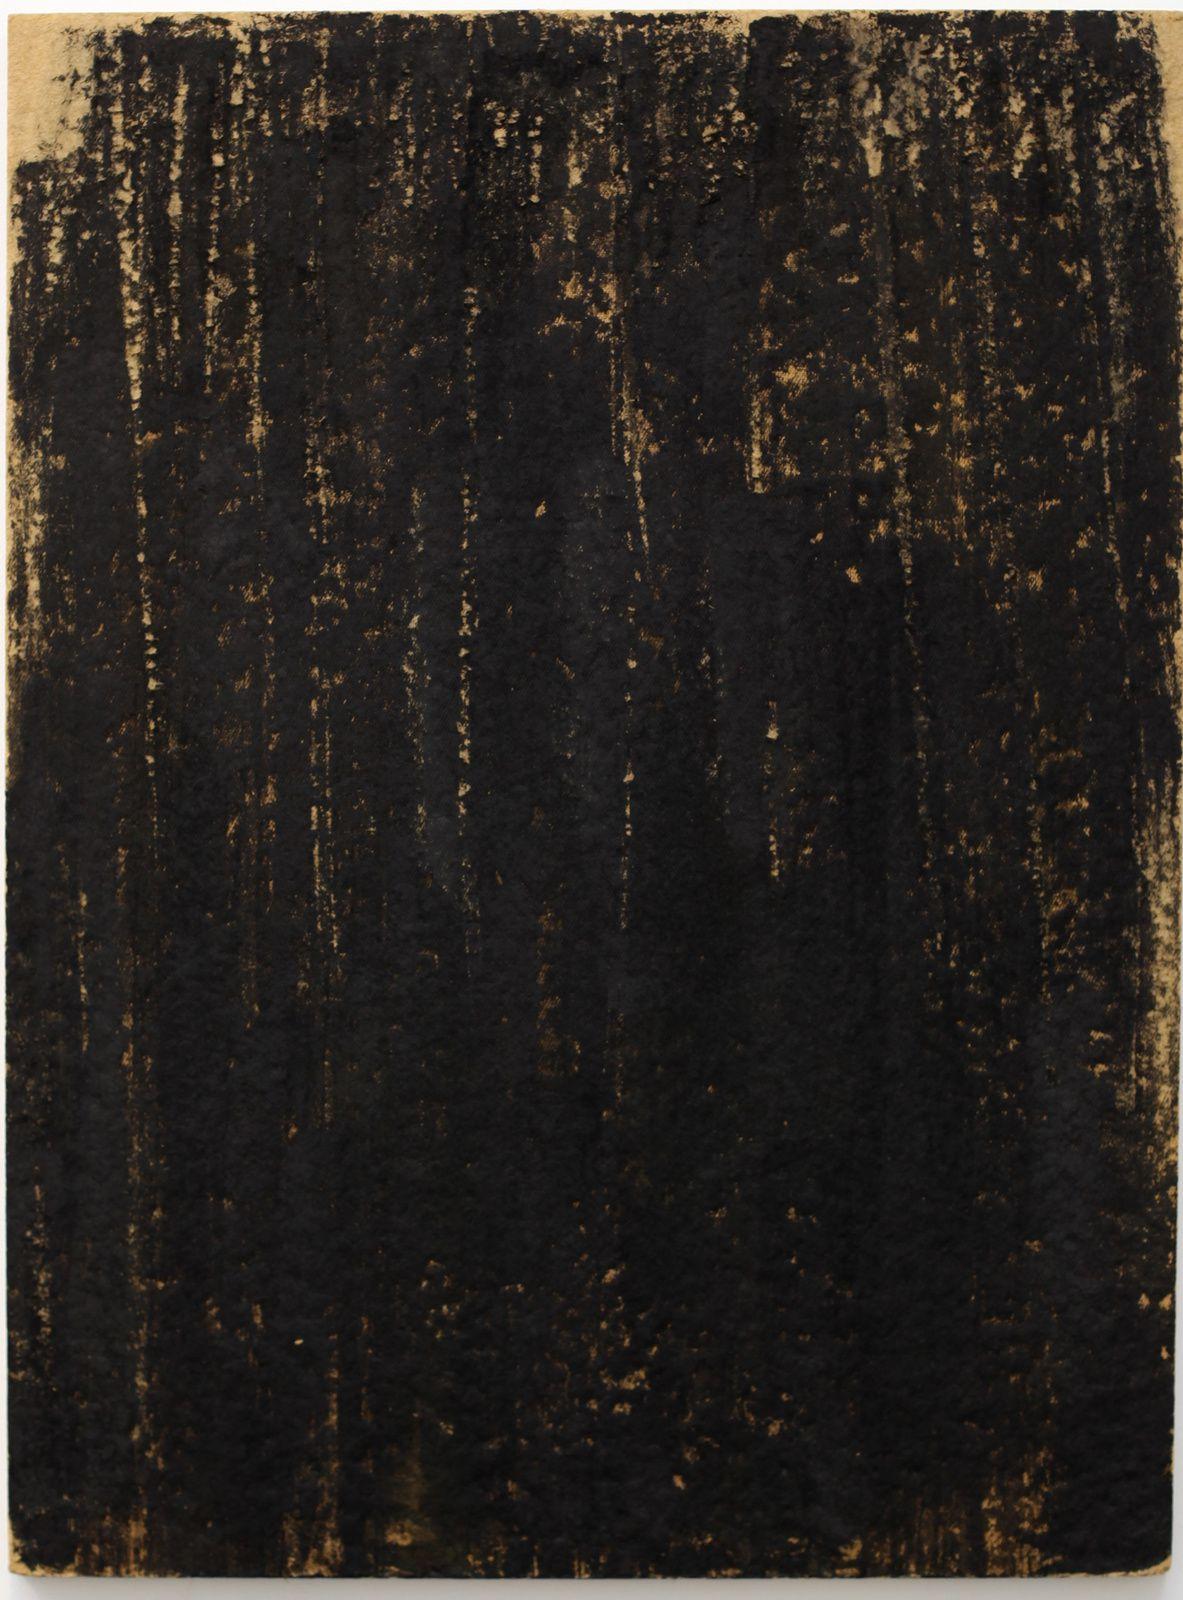 """""""Sans titre"""", 2008 de Pierrette BLOCH - Courtesy Galerie Karsten Greve © Photo Éric Simon"""